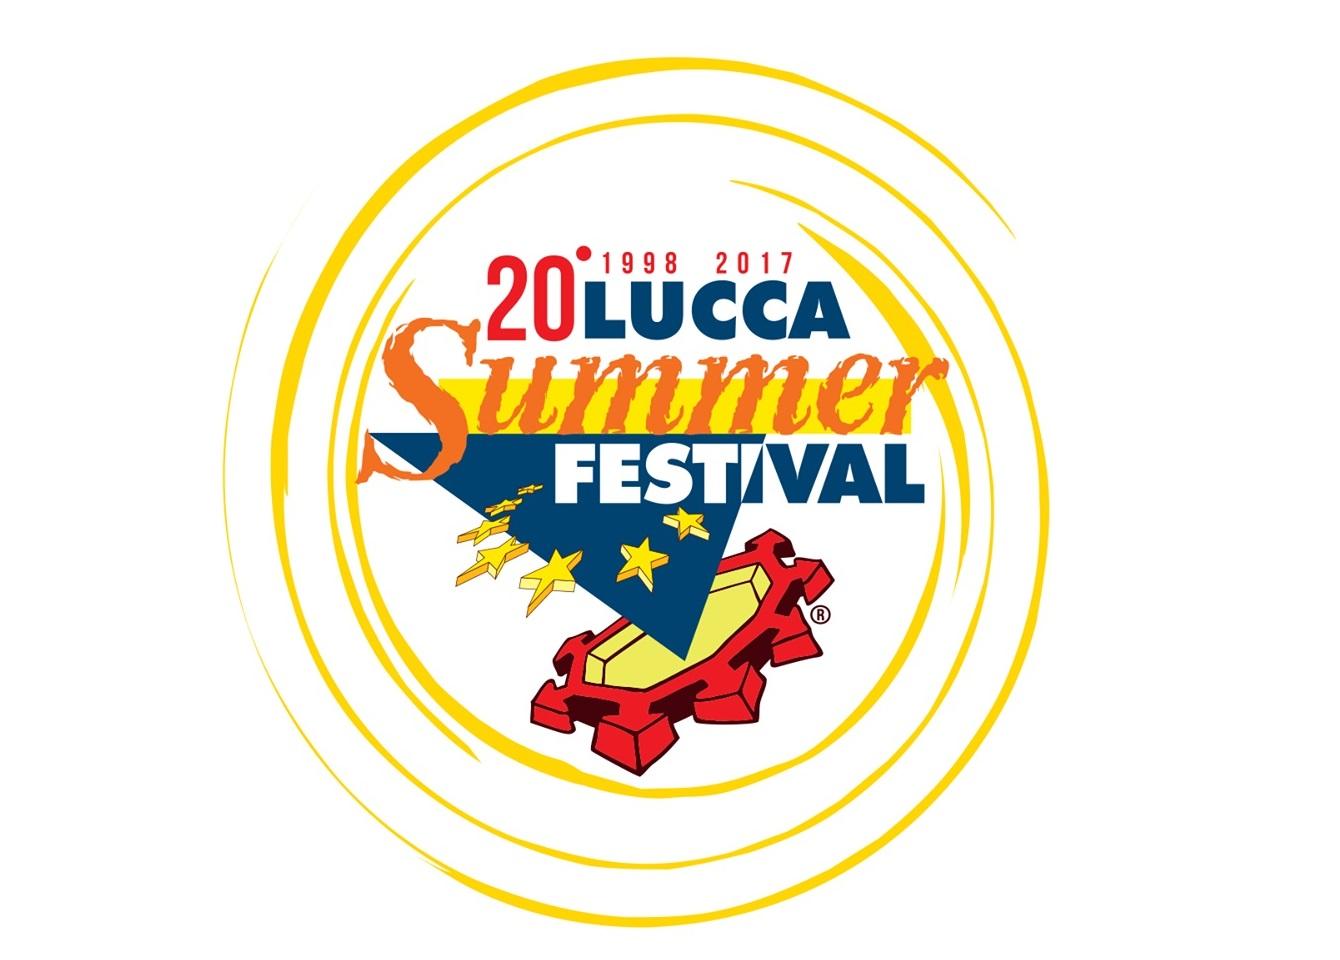 Lucca regina degli eventi, tra maxi concerto e mostre d'arte